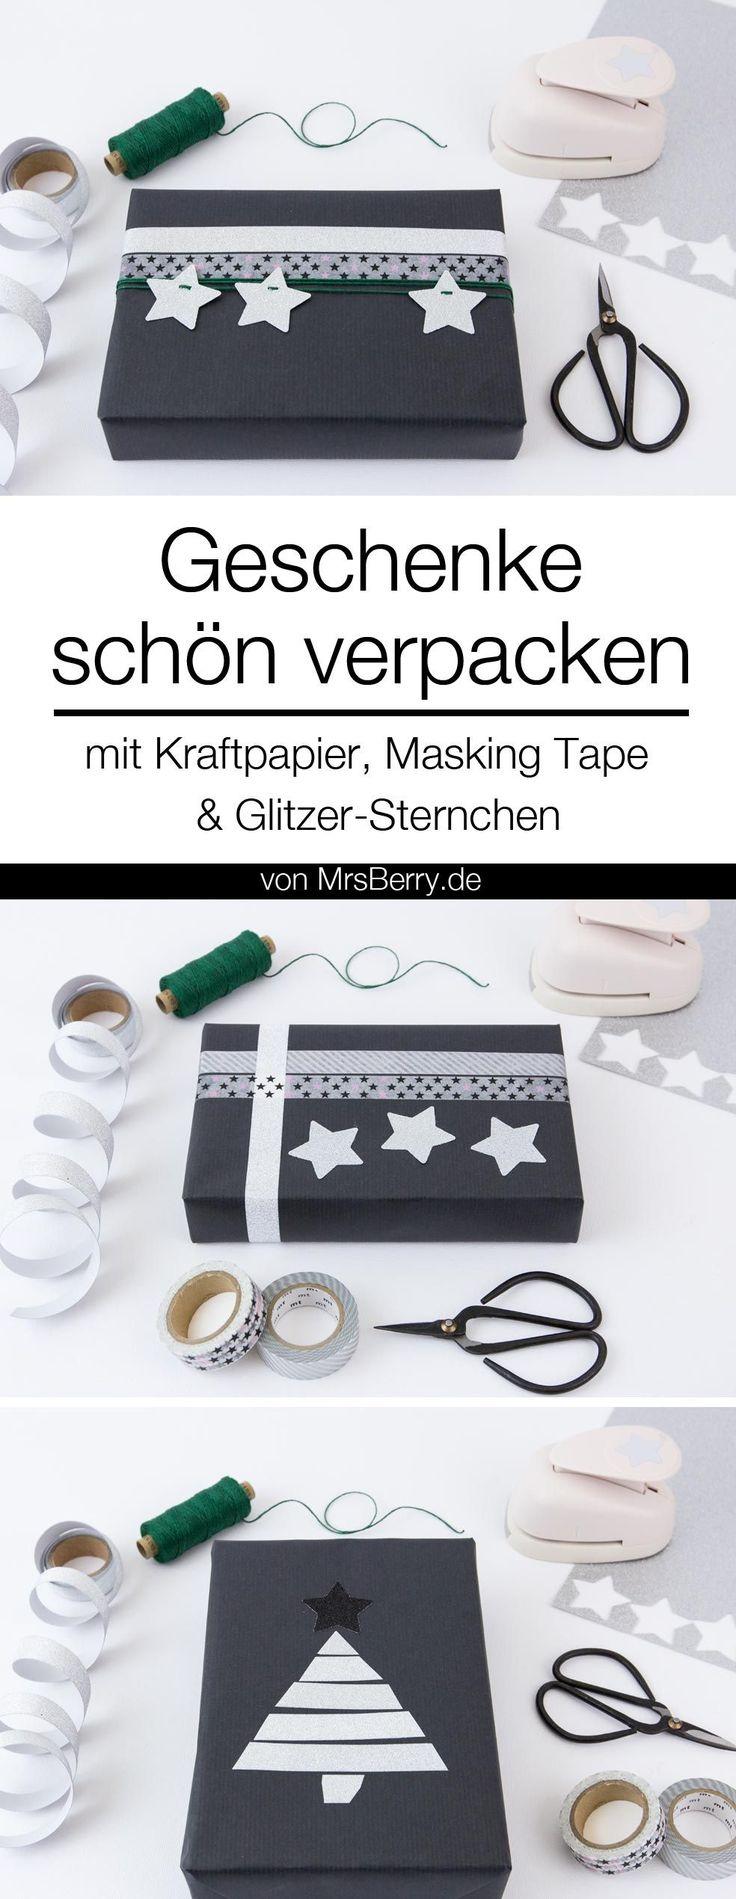 Geschenke schön verpacken - mit schwarzem Kraftpapier, Masking Tape und Glitzer-Sternchen.   Diese und weitere Ideen für DIY Geschenkverpackung auf MrsBerry.de